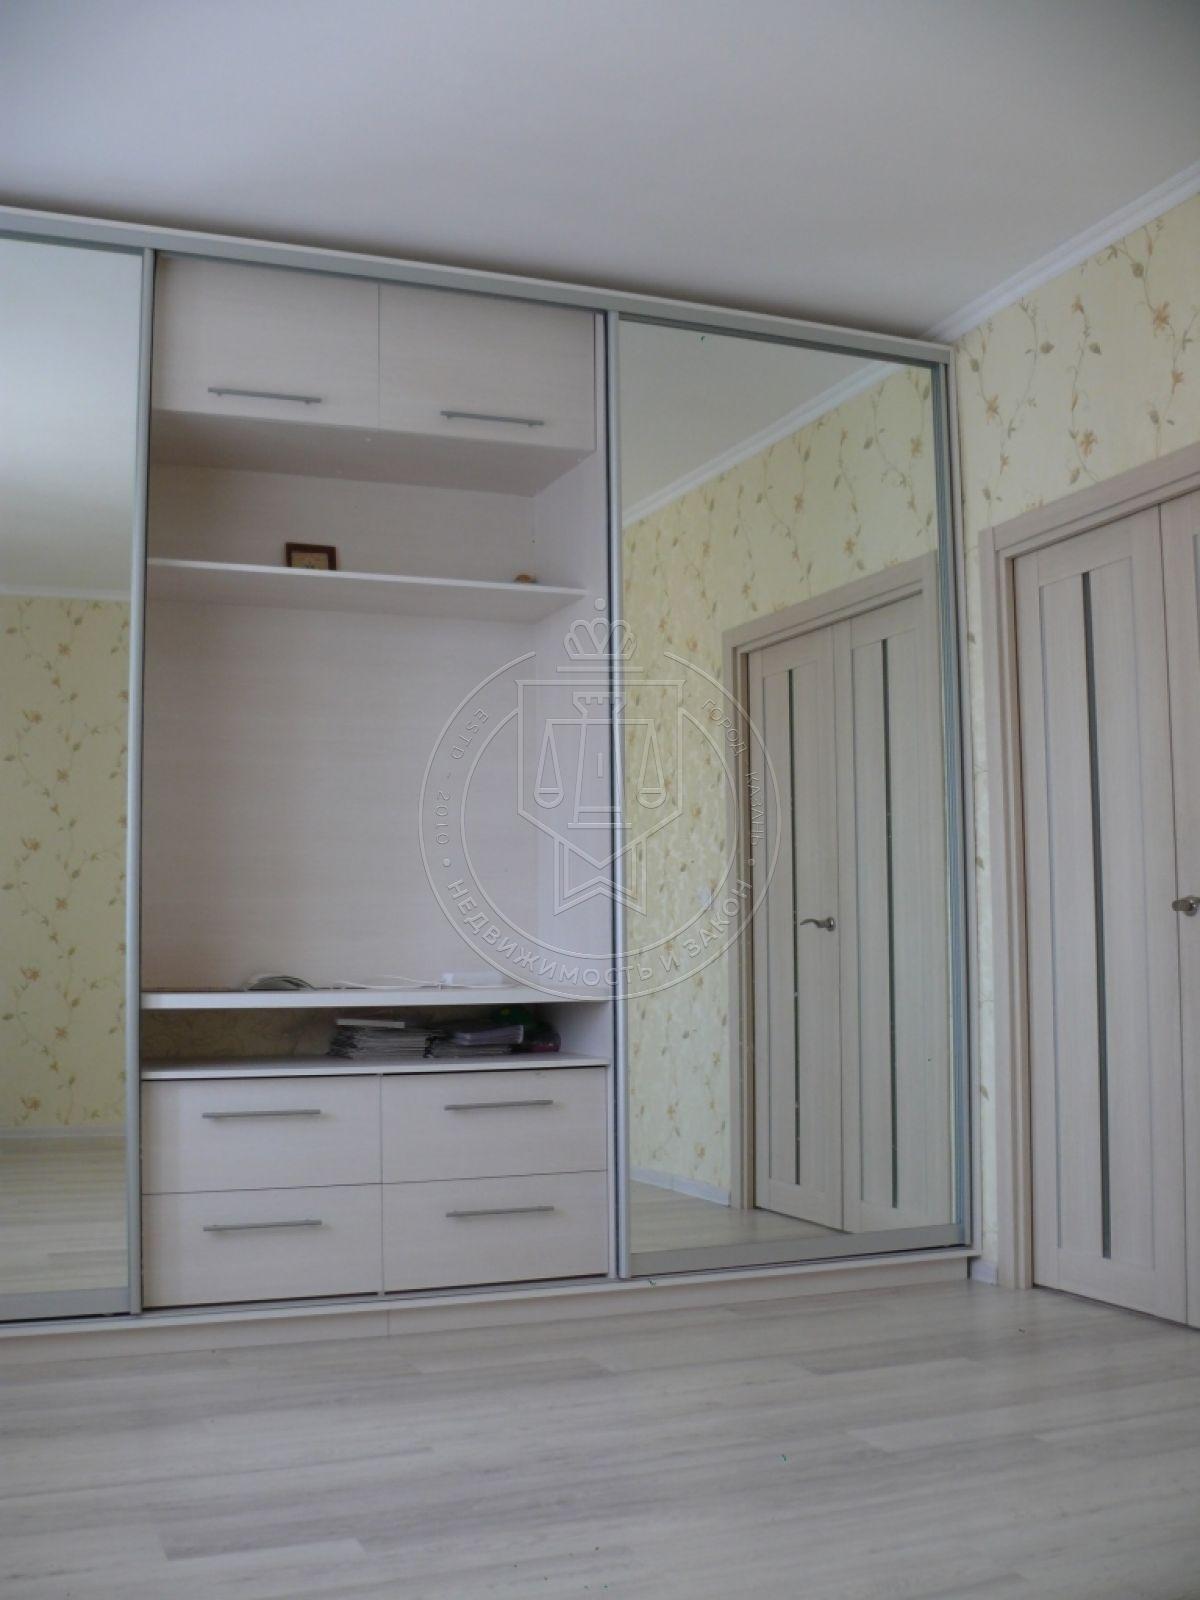 Продажа 2-к квартиры Адоратского ул, 4а, 61 м² (миниатюра №2)